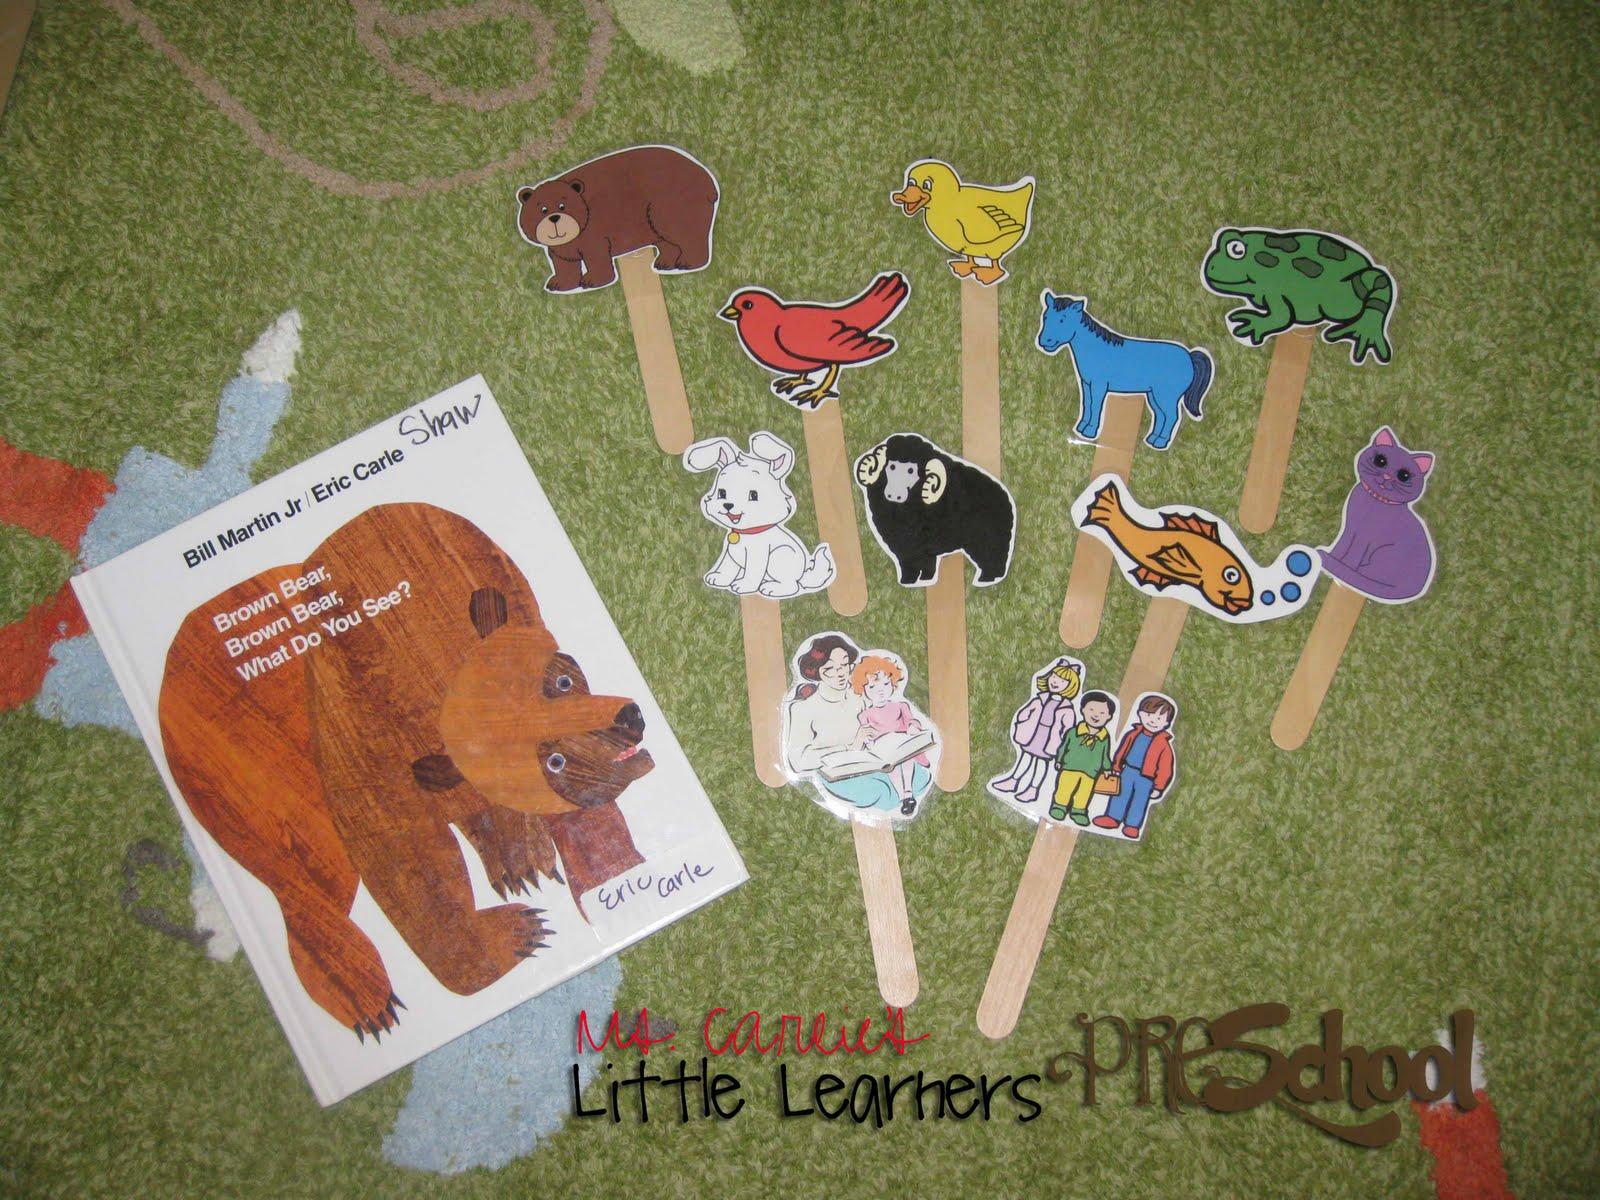 Ms Carlies Little Learners Preschool brown Bear Brown